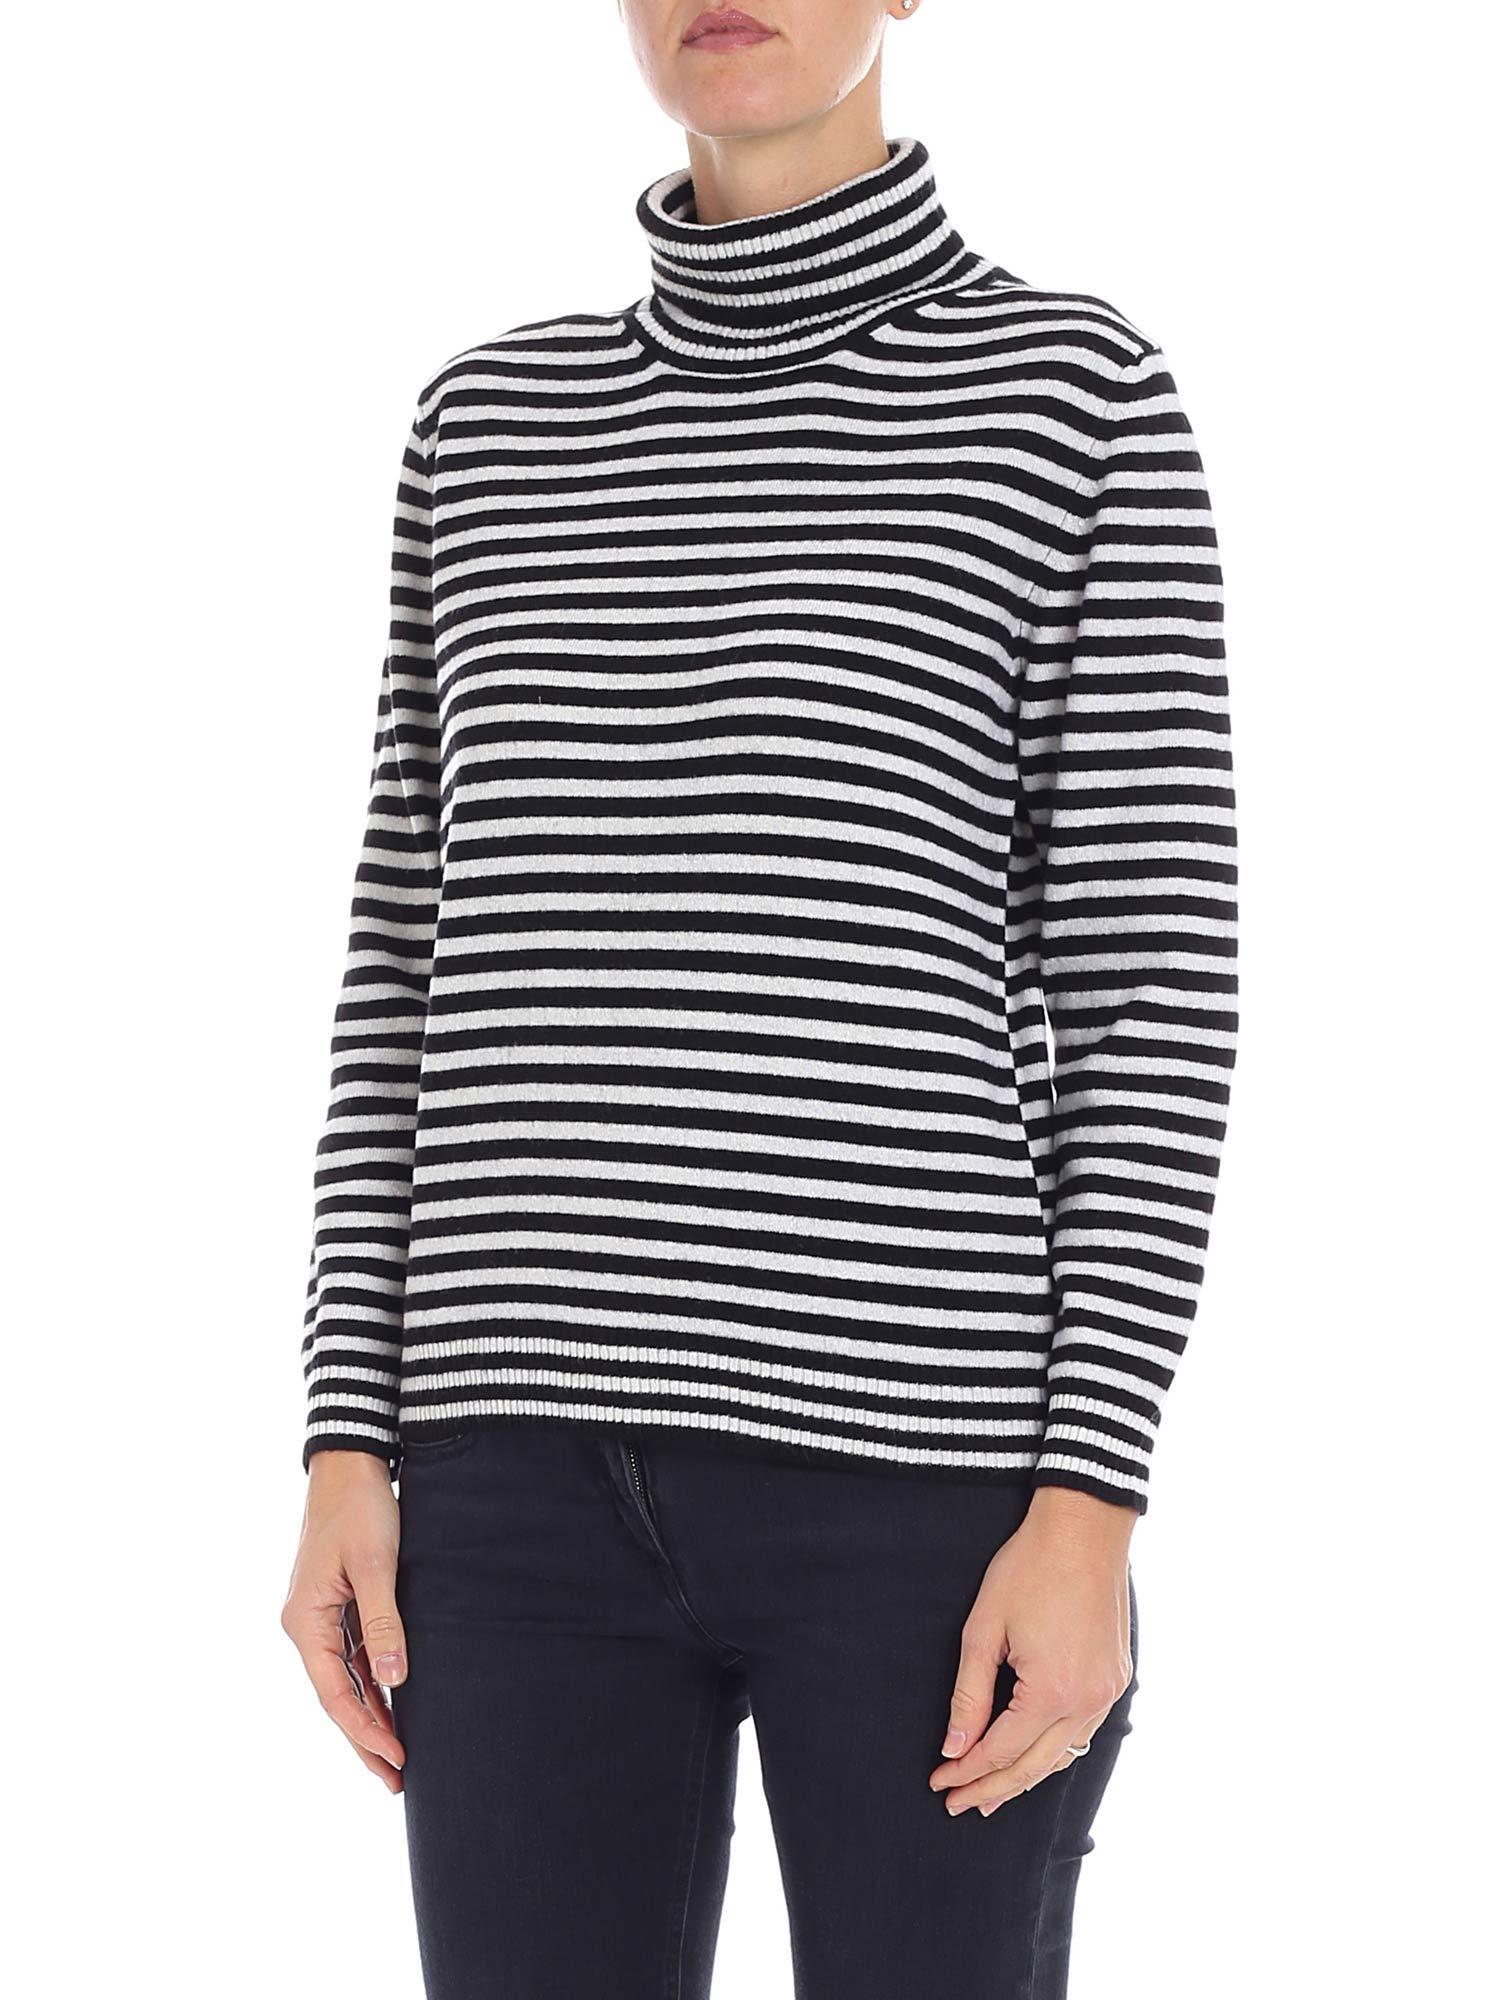 ALTEA Striped Sweater in Black/White